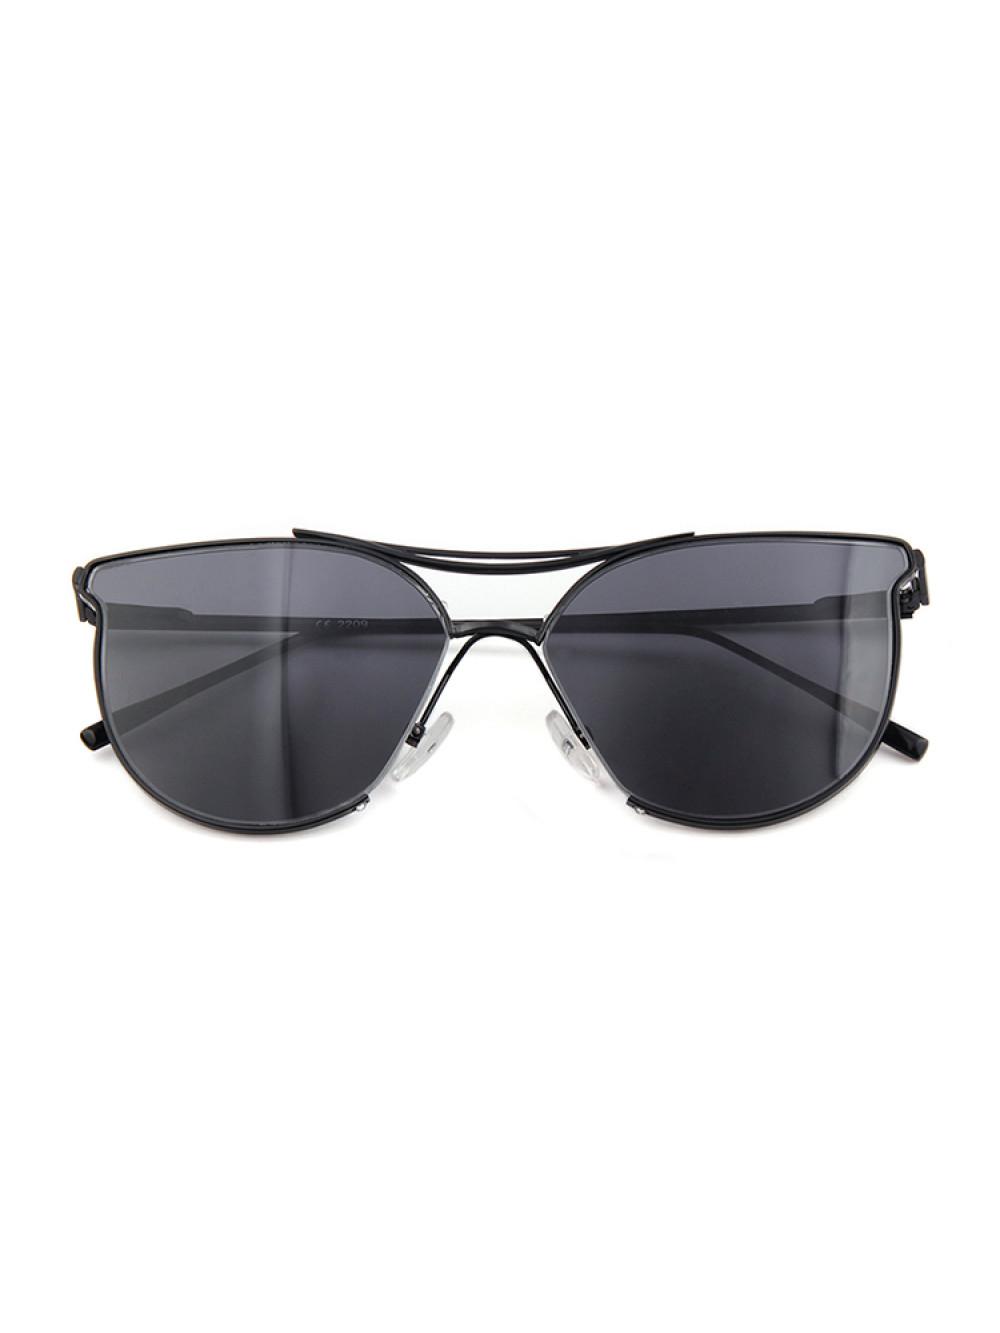 5c6569366 Slnečné okuliare Aviator Lady Black dámske čierne sklá čierny rám